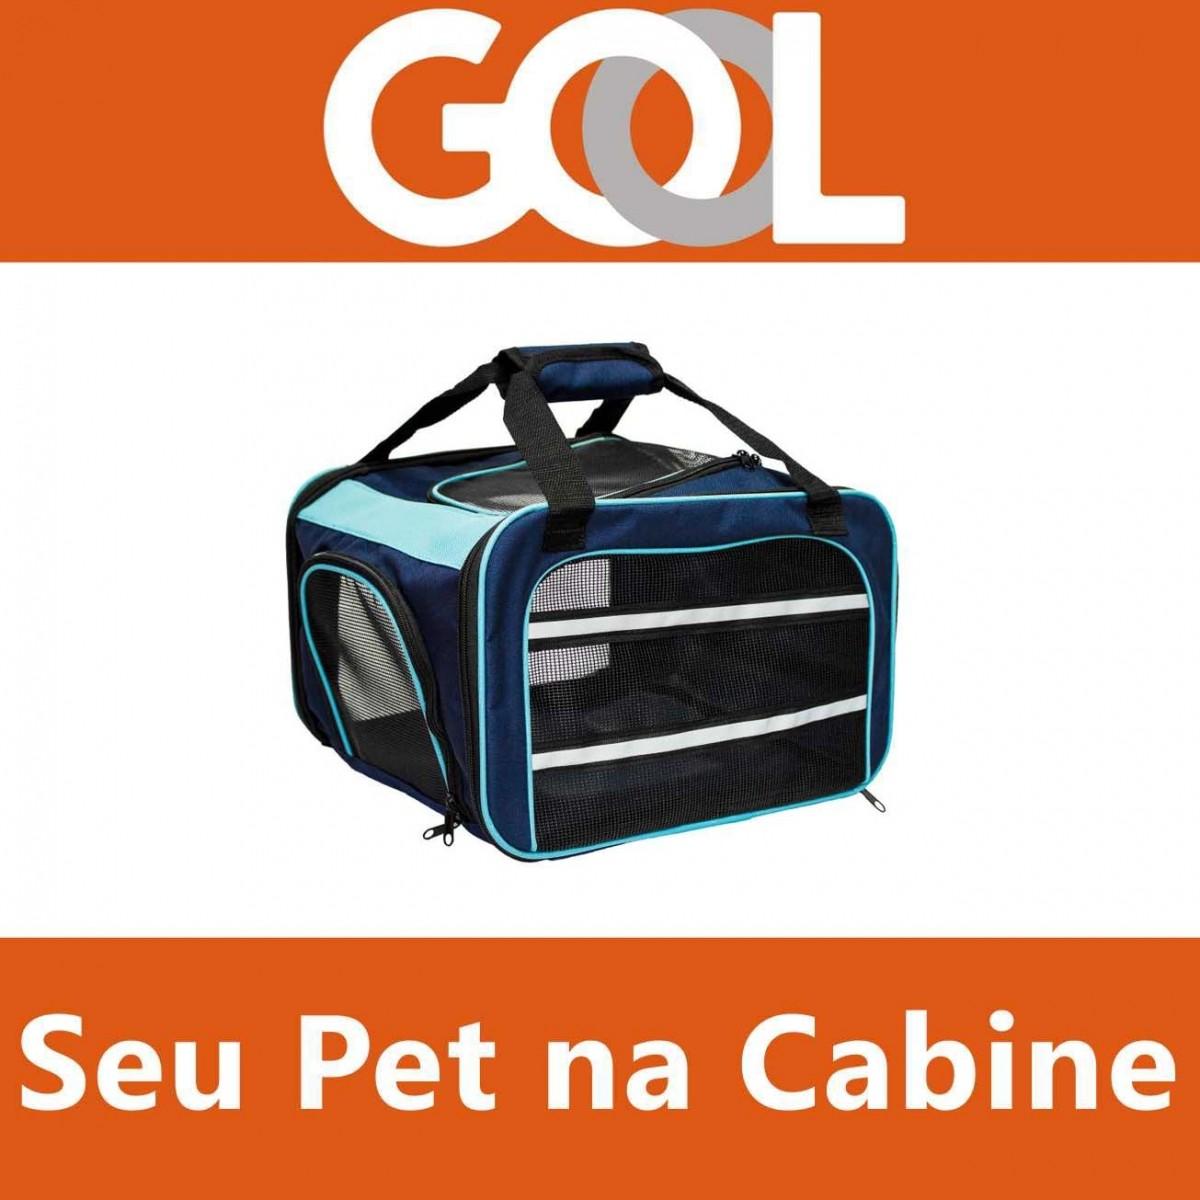 Bolsa para Transportar seu Pet na Cabine do Avião - Cia GOL - Eleva Mundi - (Cor Azul)